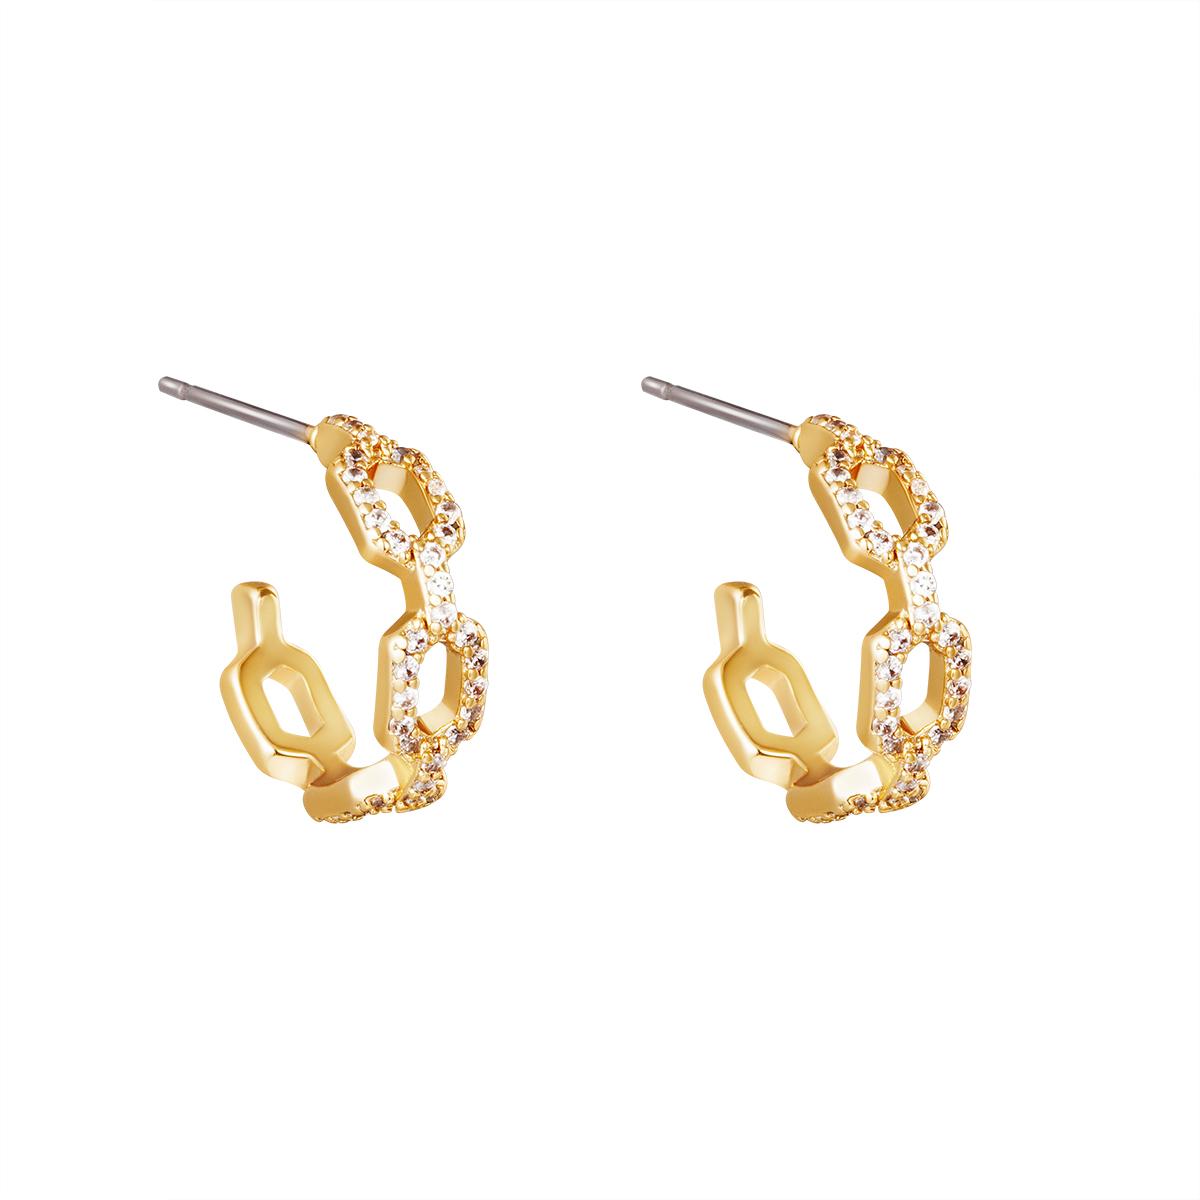 Boucles d'oreilles Diamond Linked